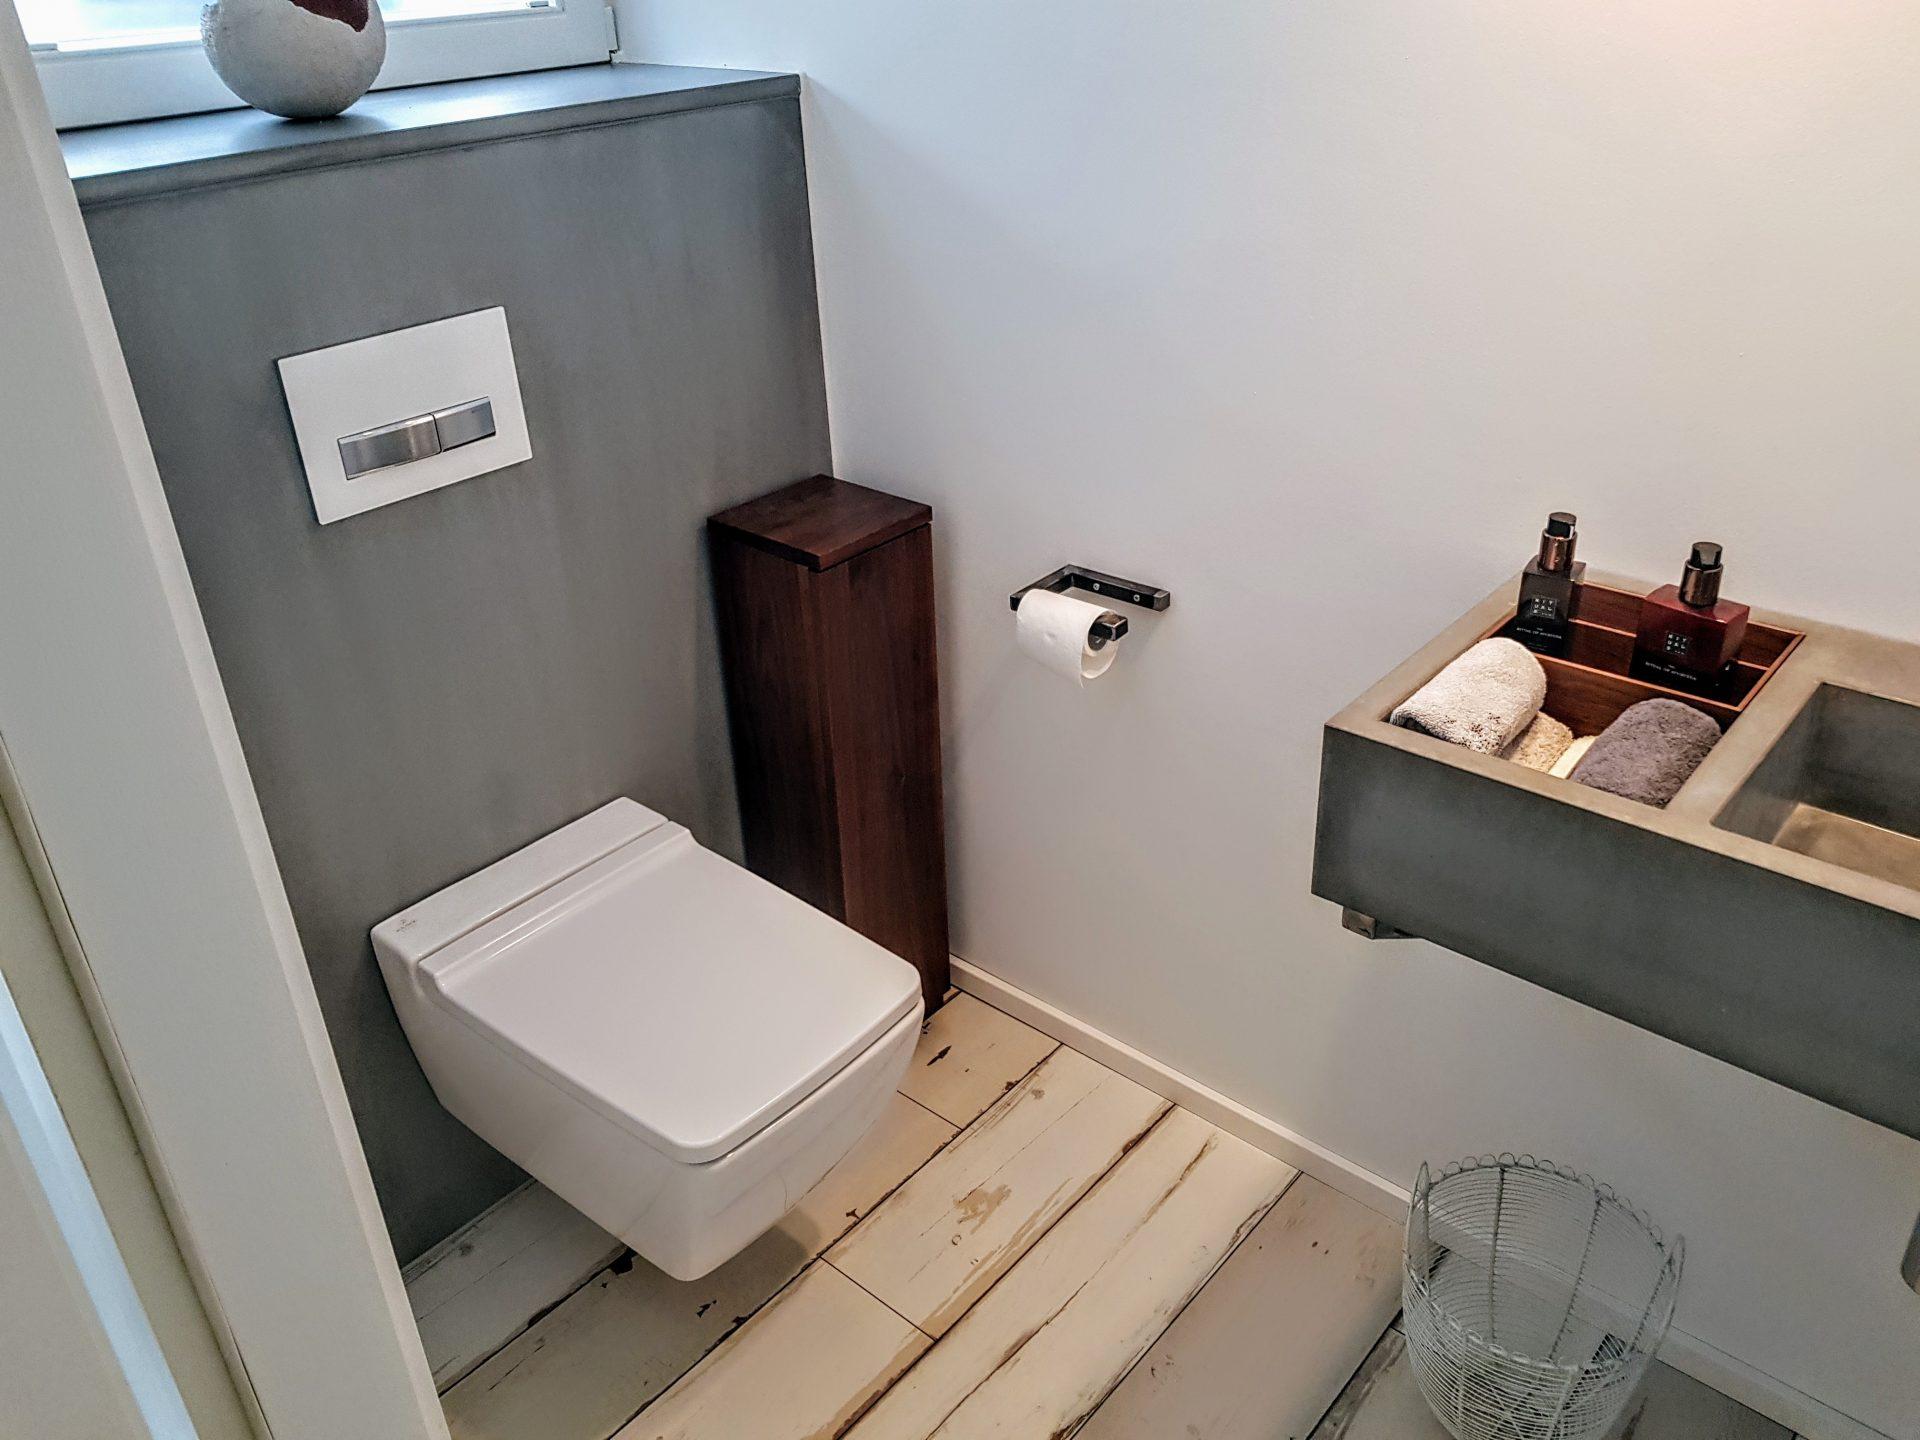 Gäste-WC in Nussbaum und Beton | B&K Design